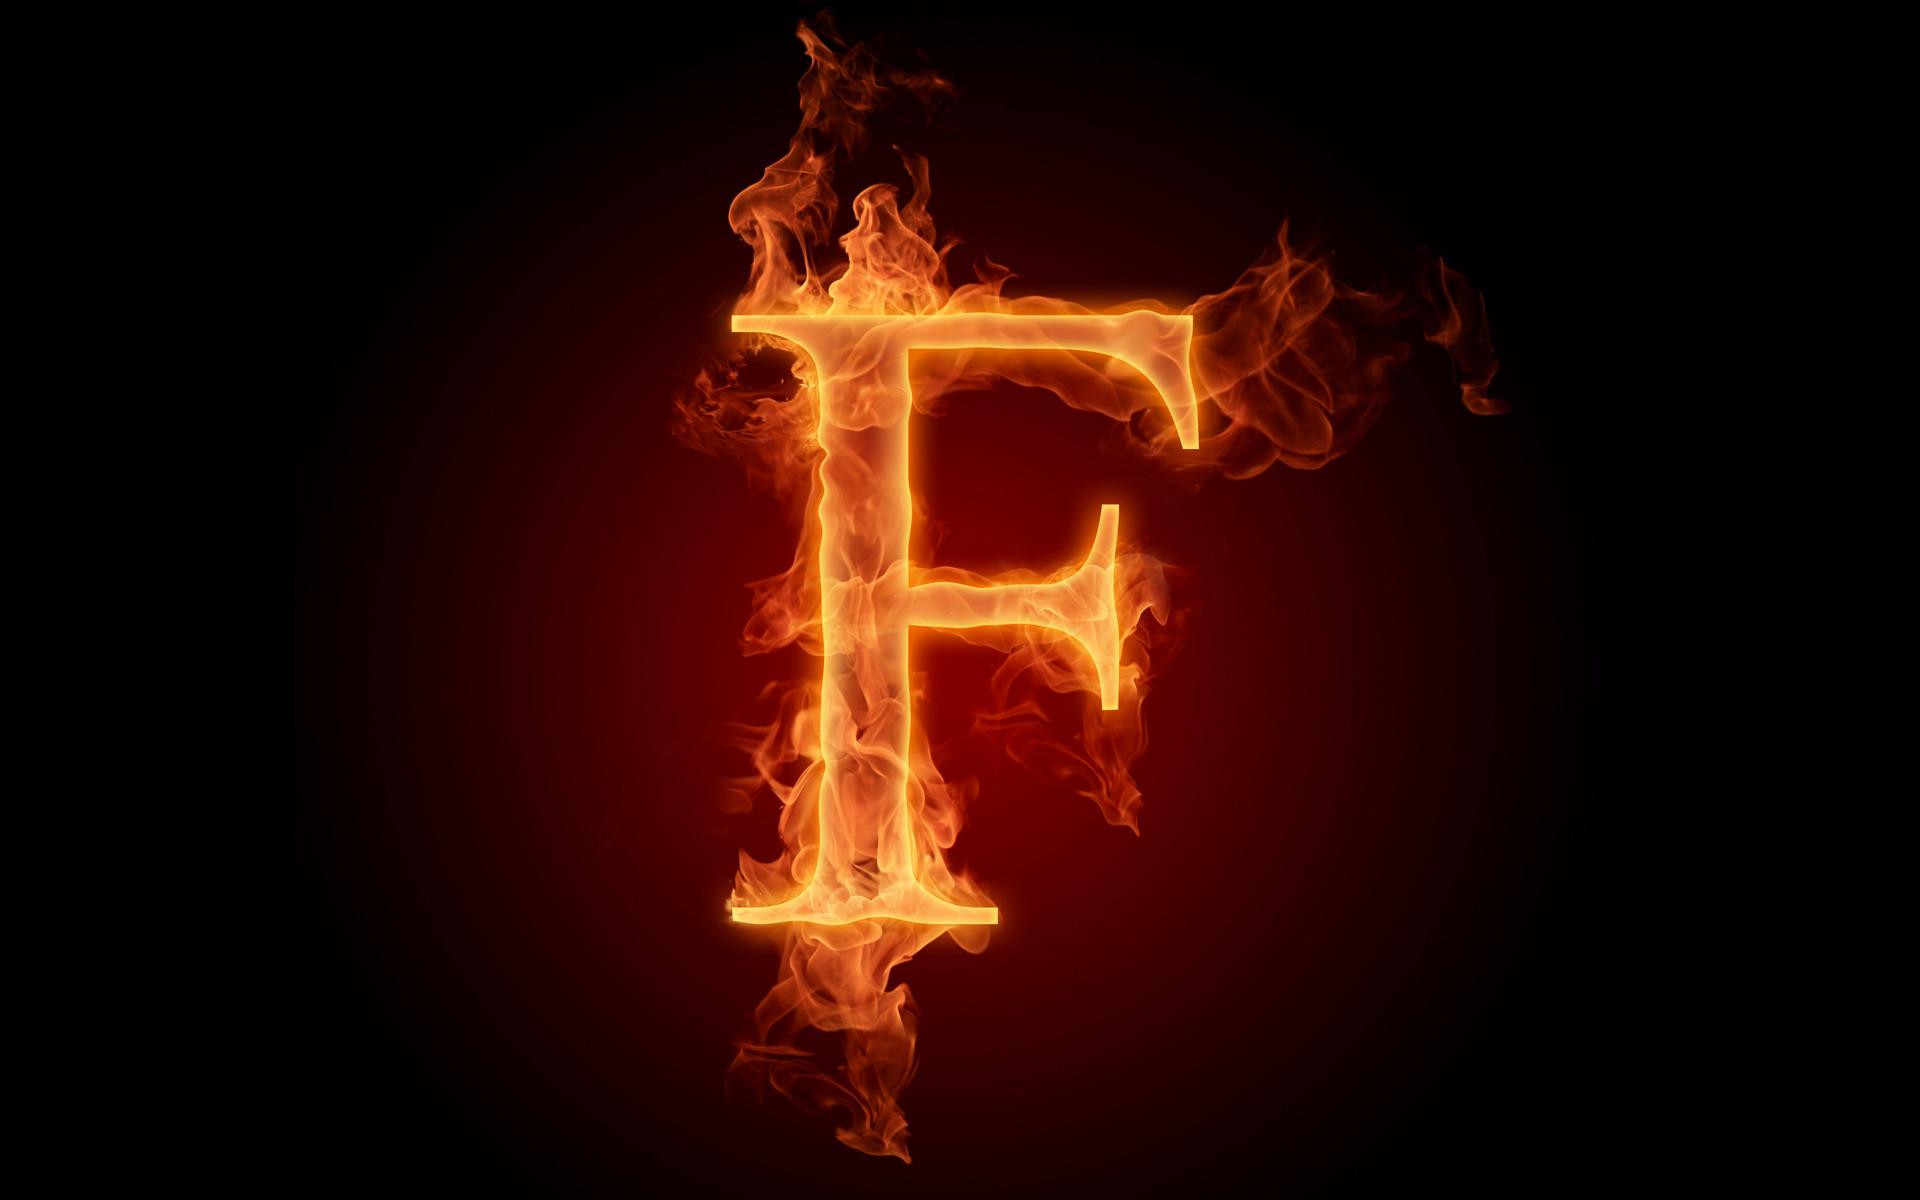 بالصور صور حرف f , اجمل و احلى صور لحرف ال F المميز 1424 10